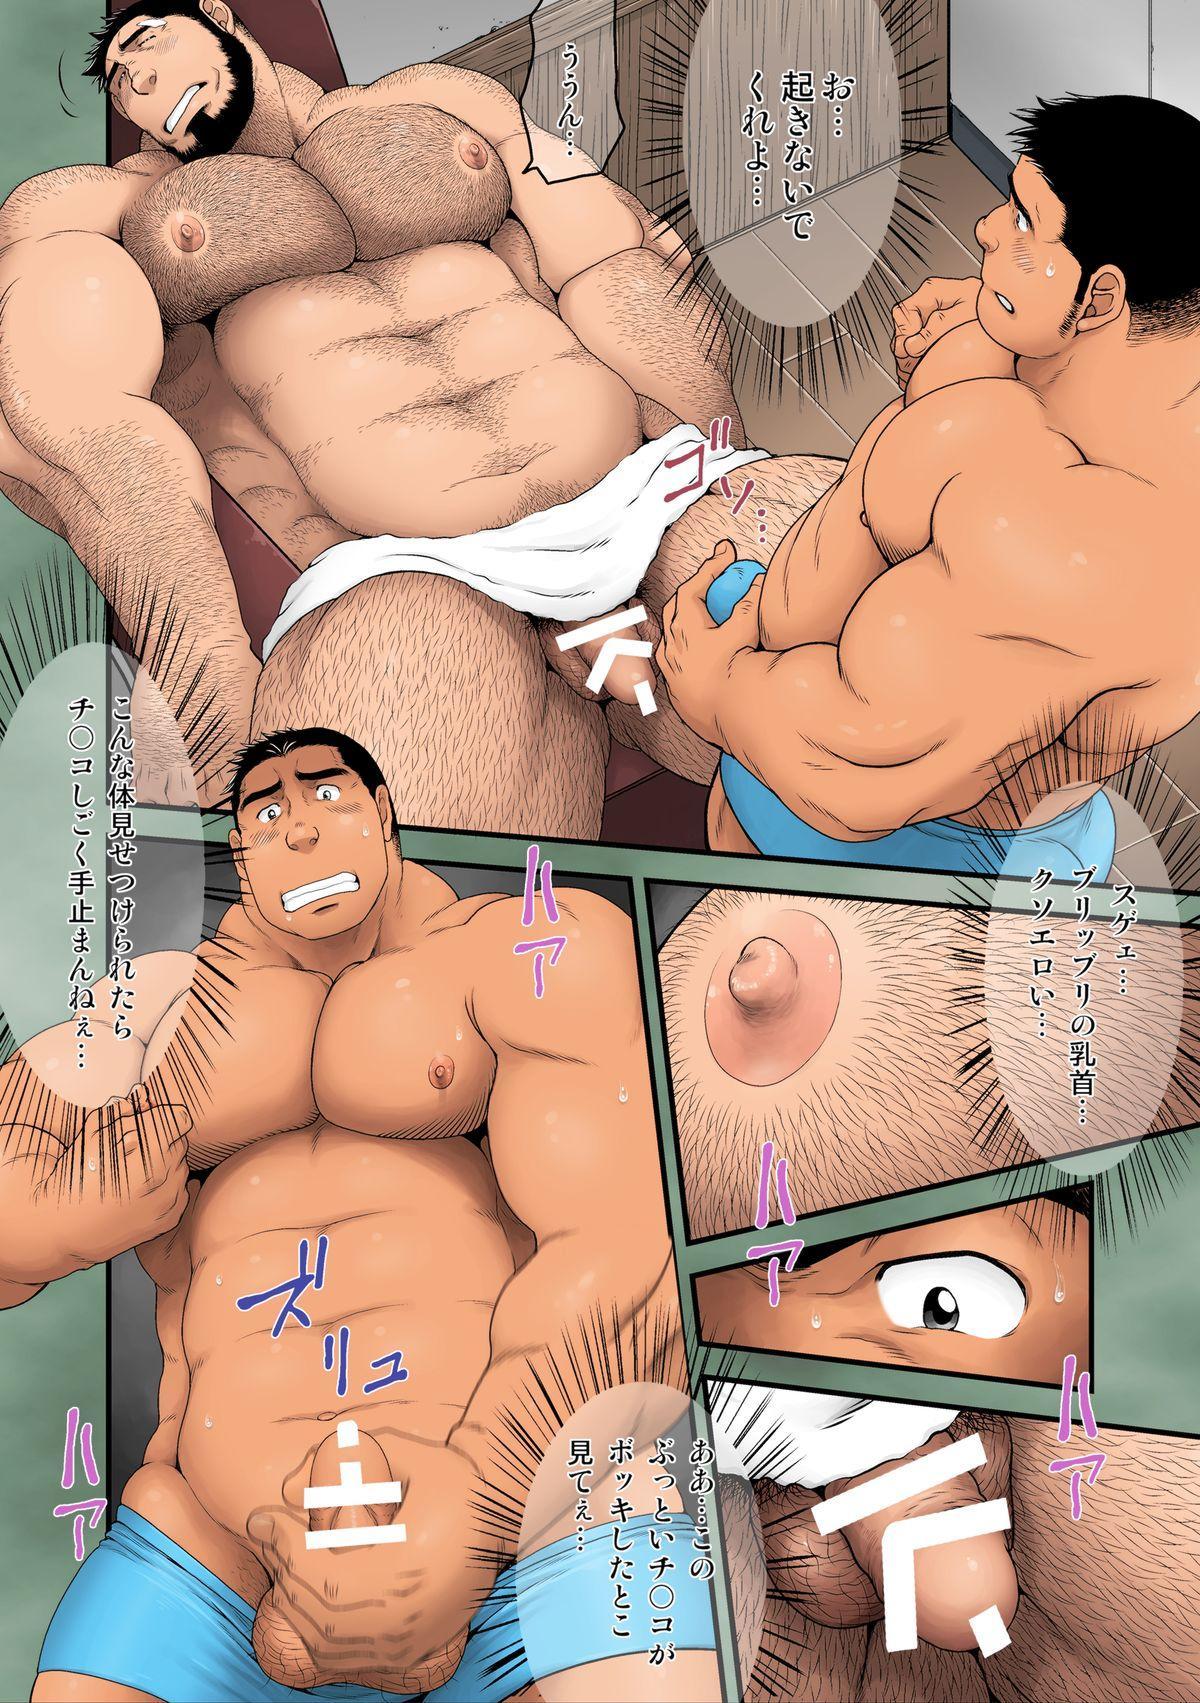 Ano Natsu Ichiban Shizuka na Umi 9